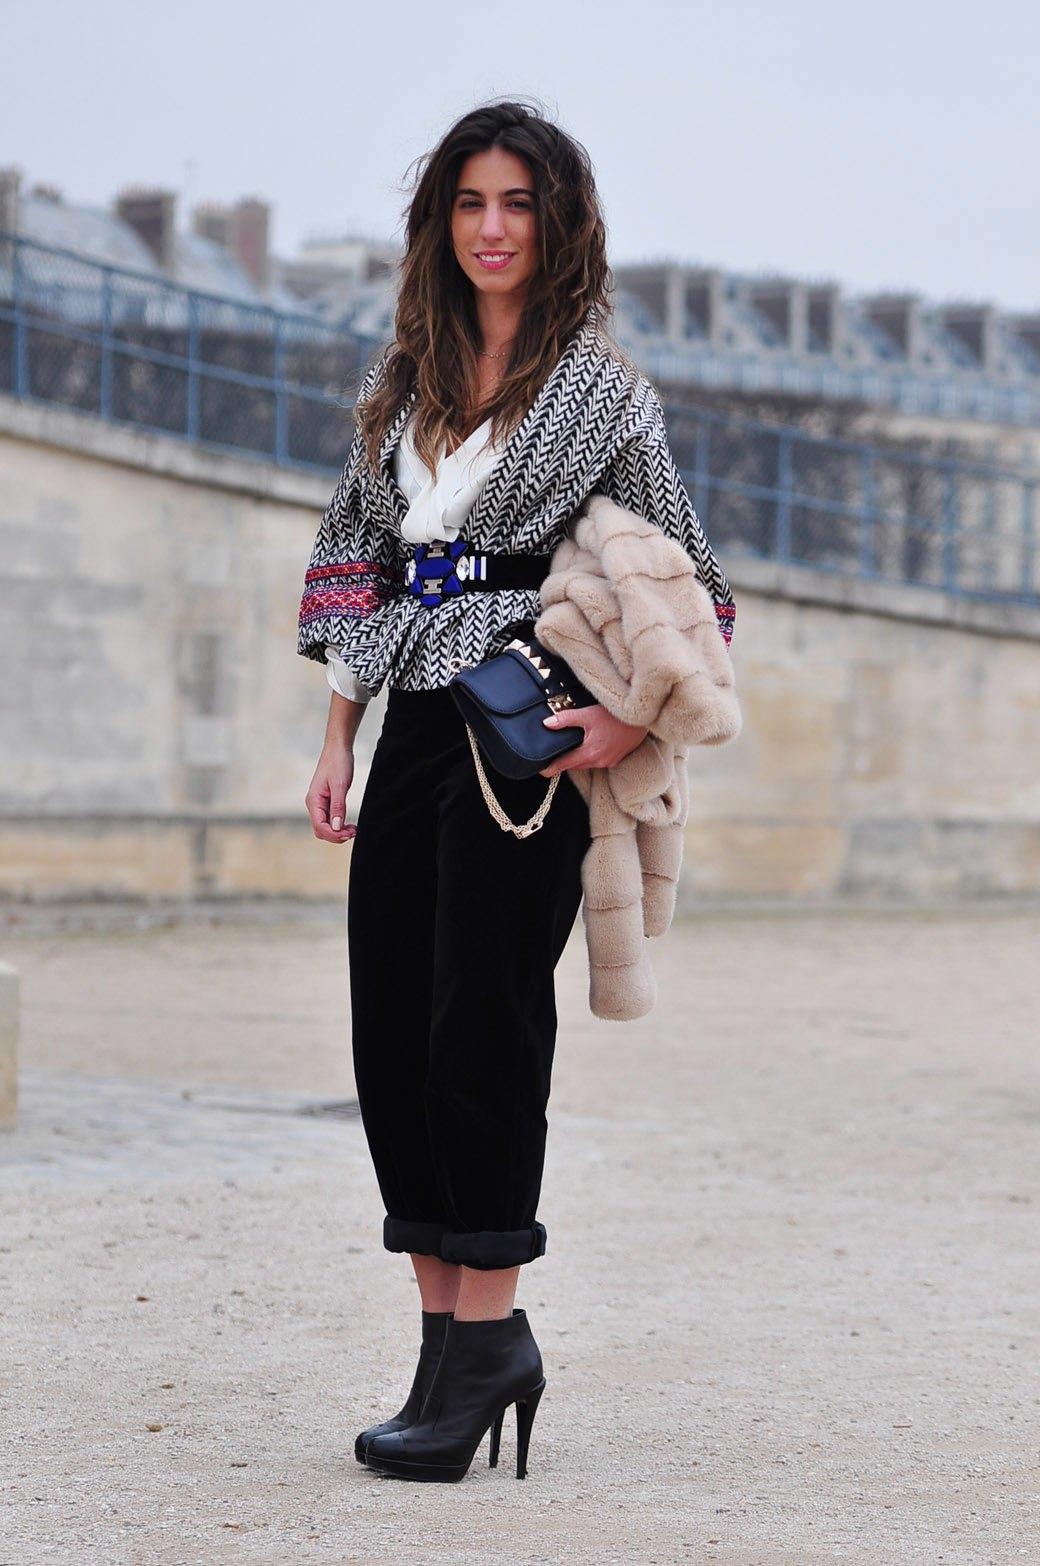 Гости Парижской недели моды FW13, часть 2. Изображение № 23.